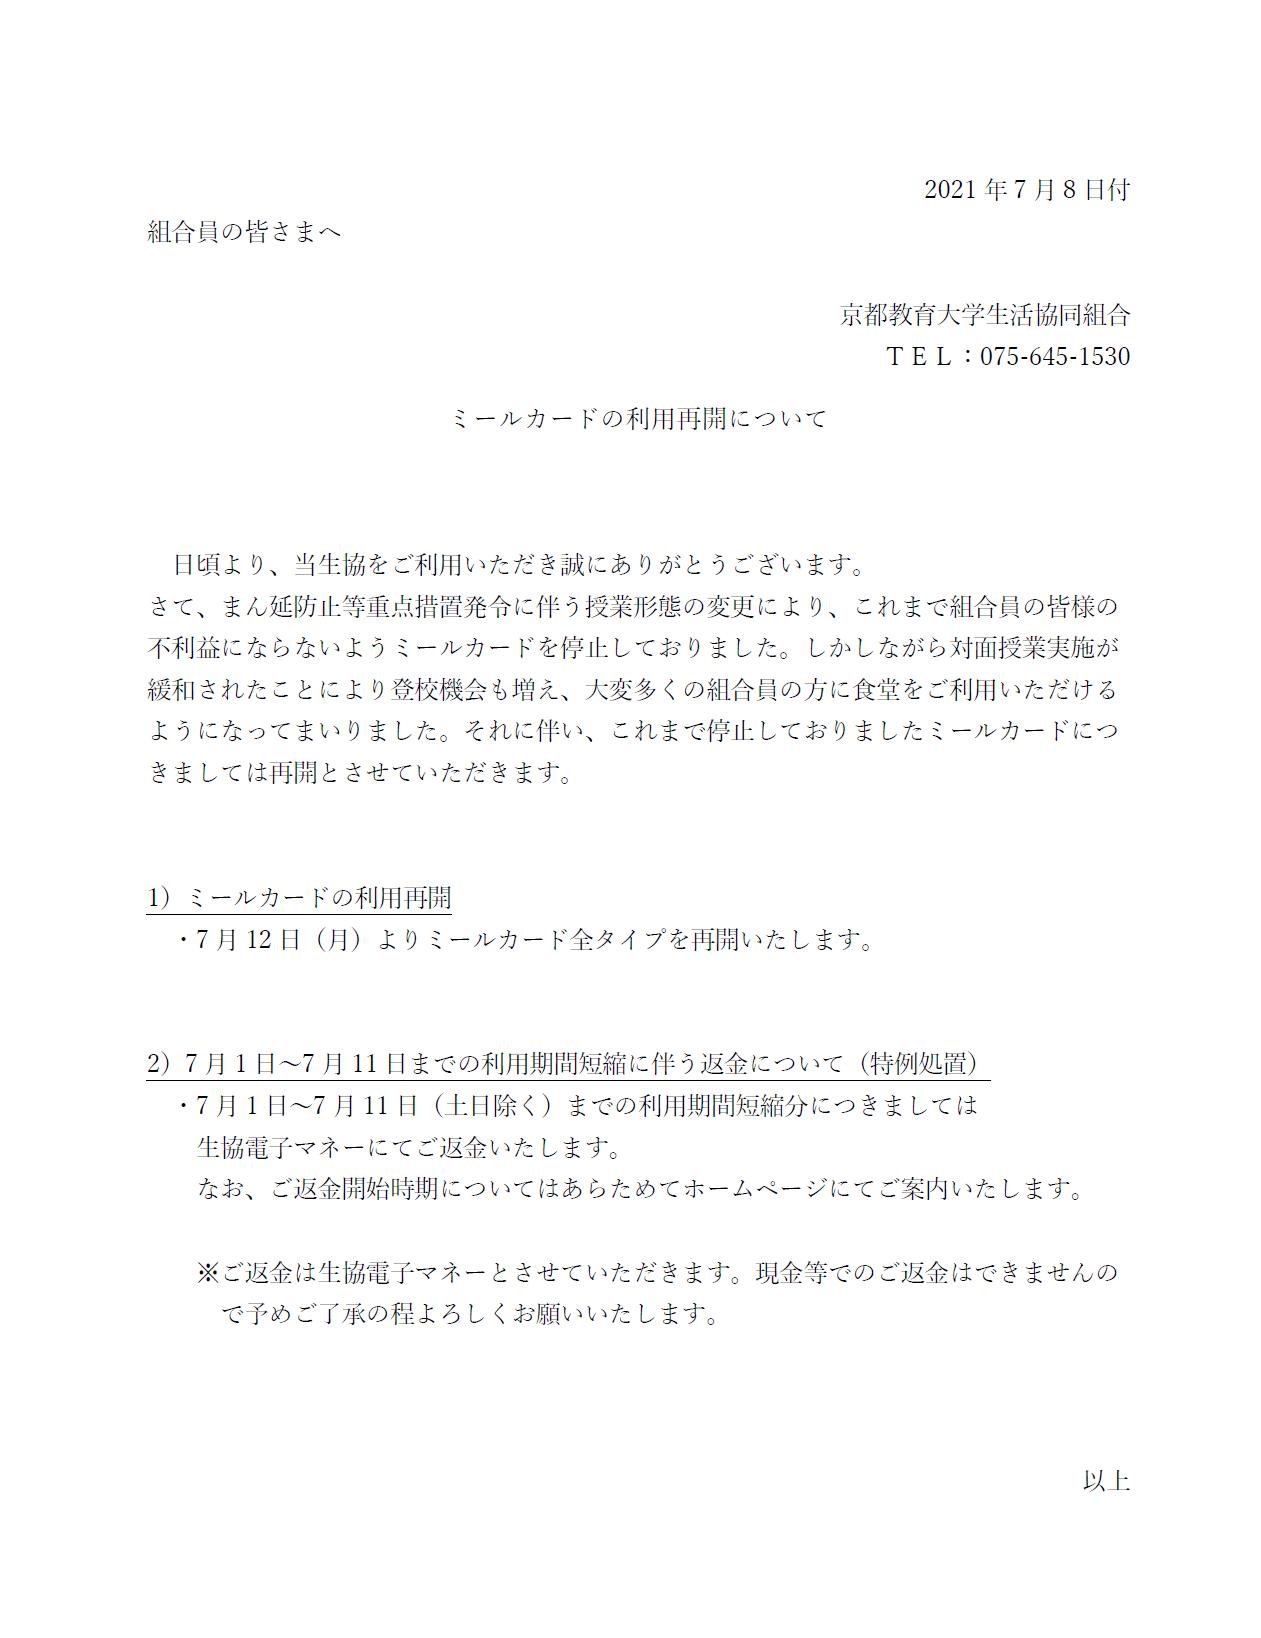 ミールカードの利用再開について(ホームページアップ用).png